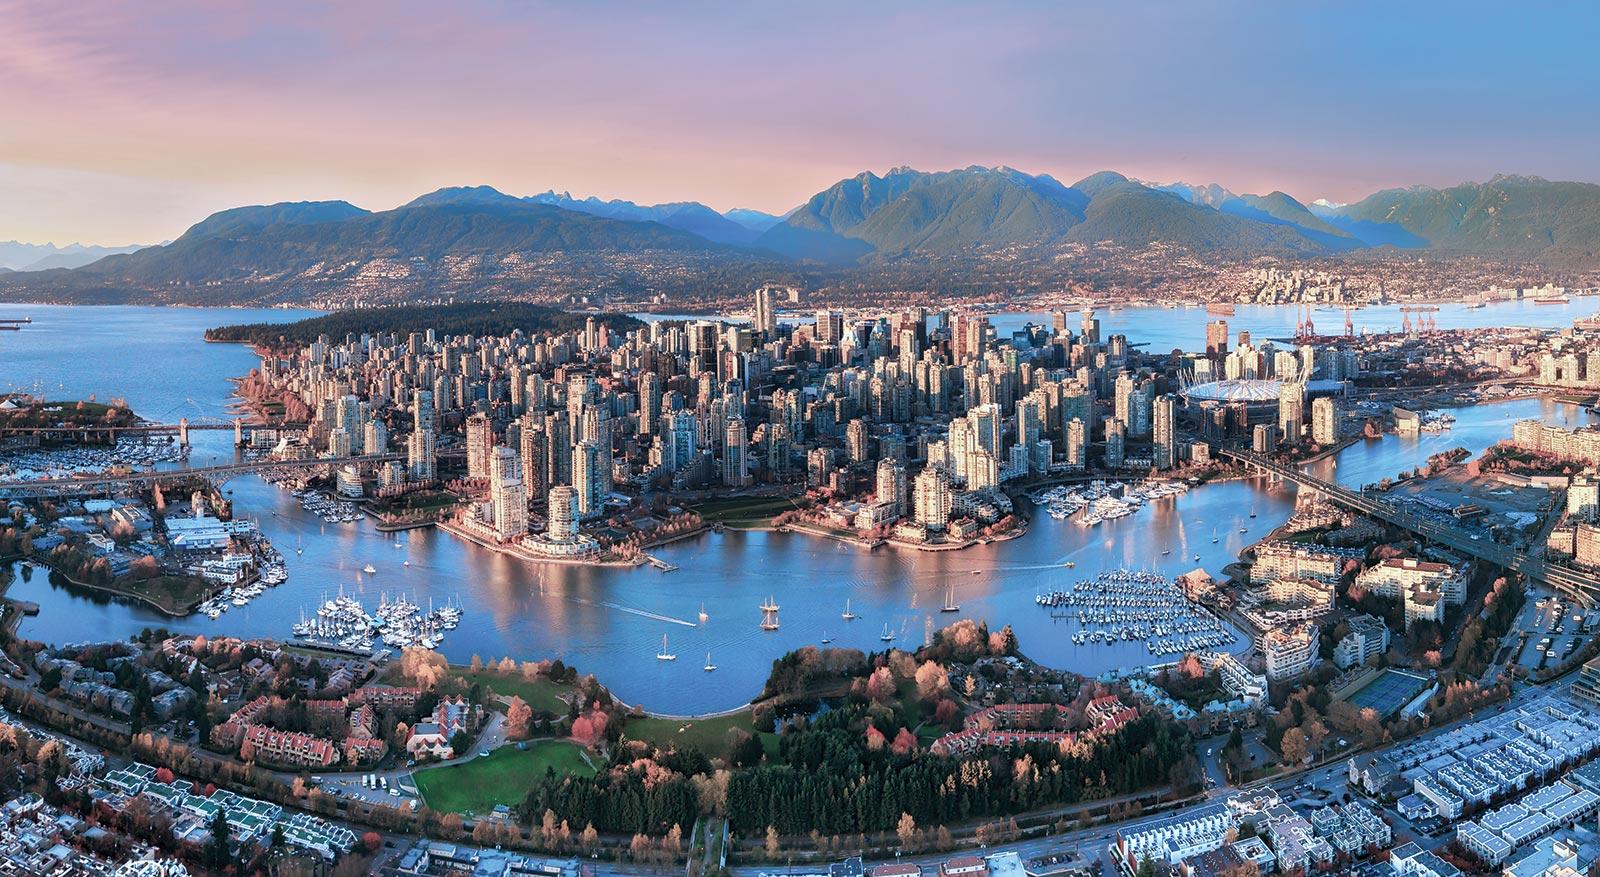 天使?魔鬼?温哥华被评为全球第一友善城市,本地人却疯狂吐槽!